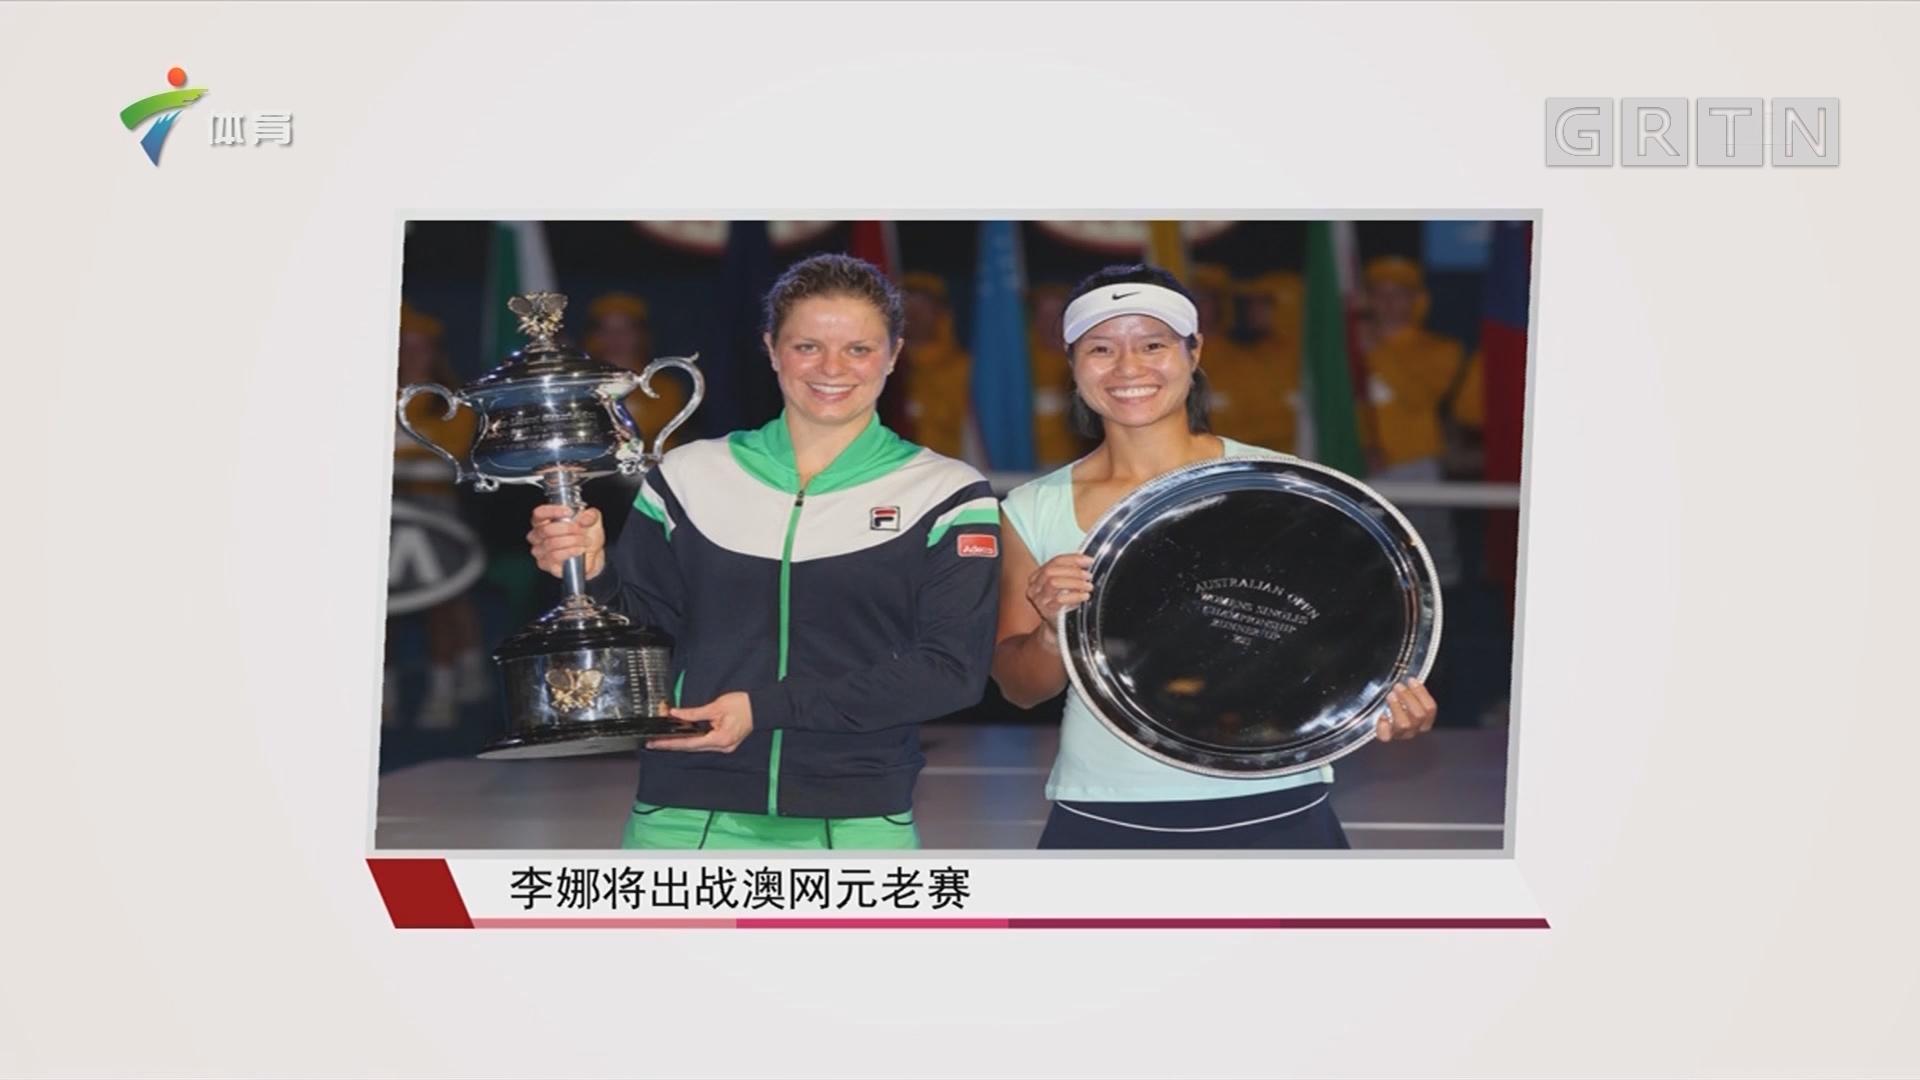 李娜将出战澳网元老赛